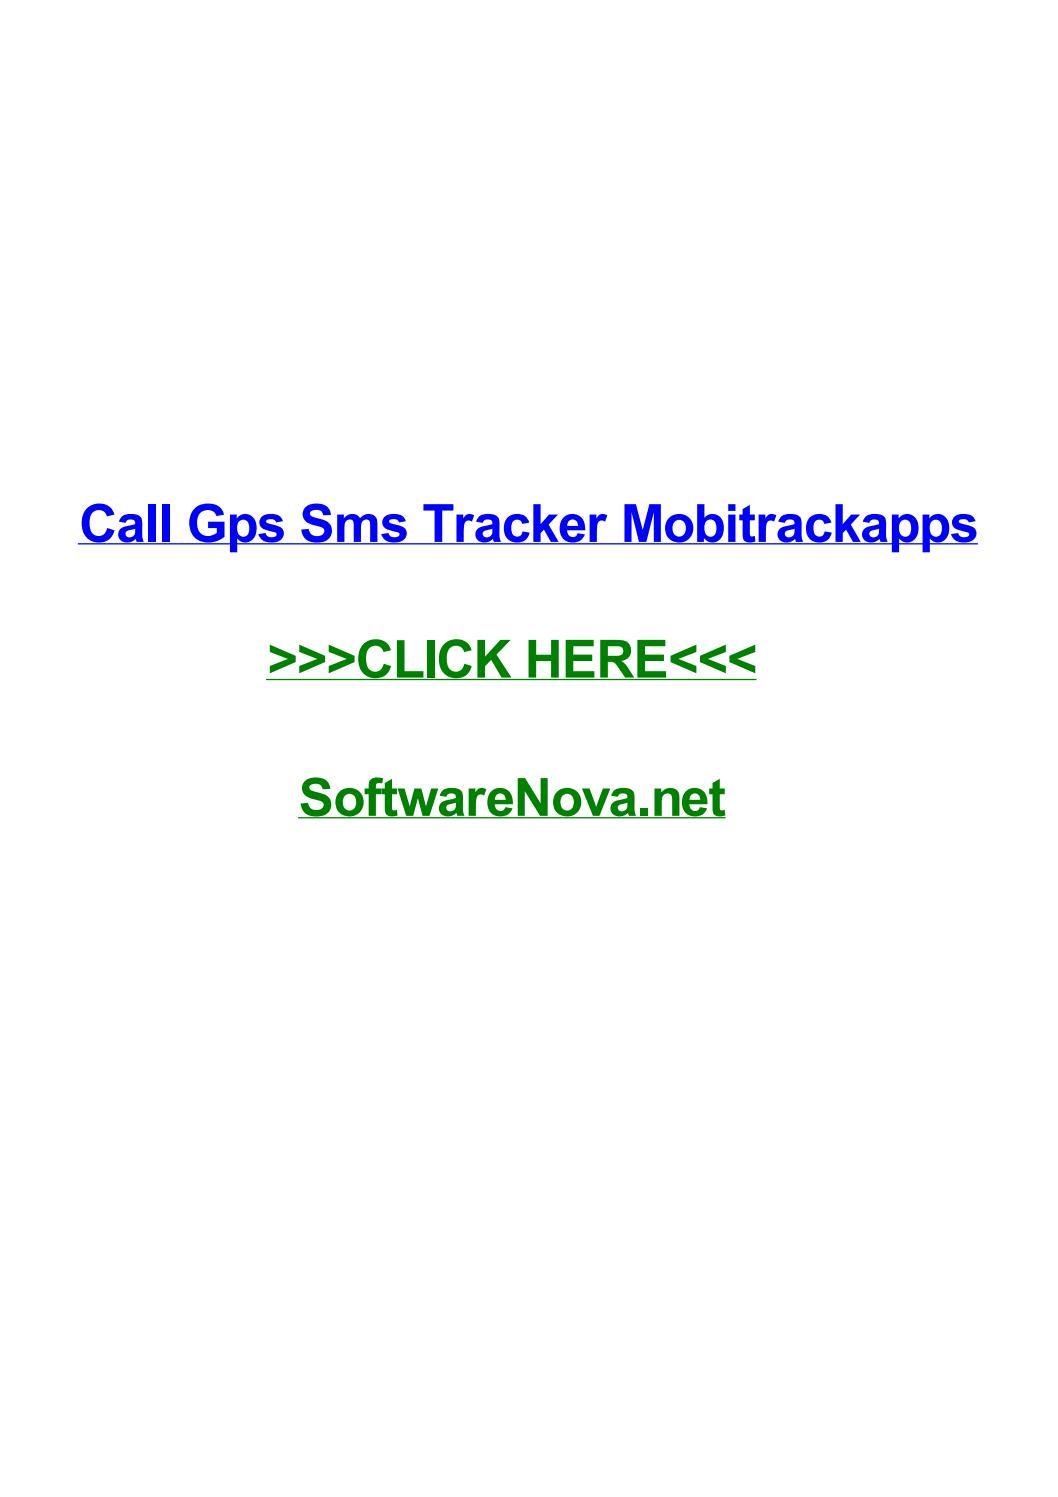 mobitrackapp